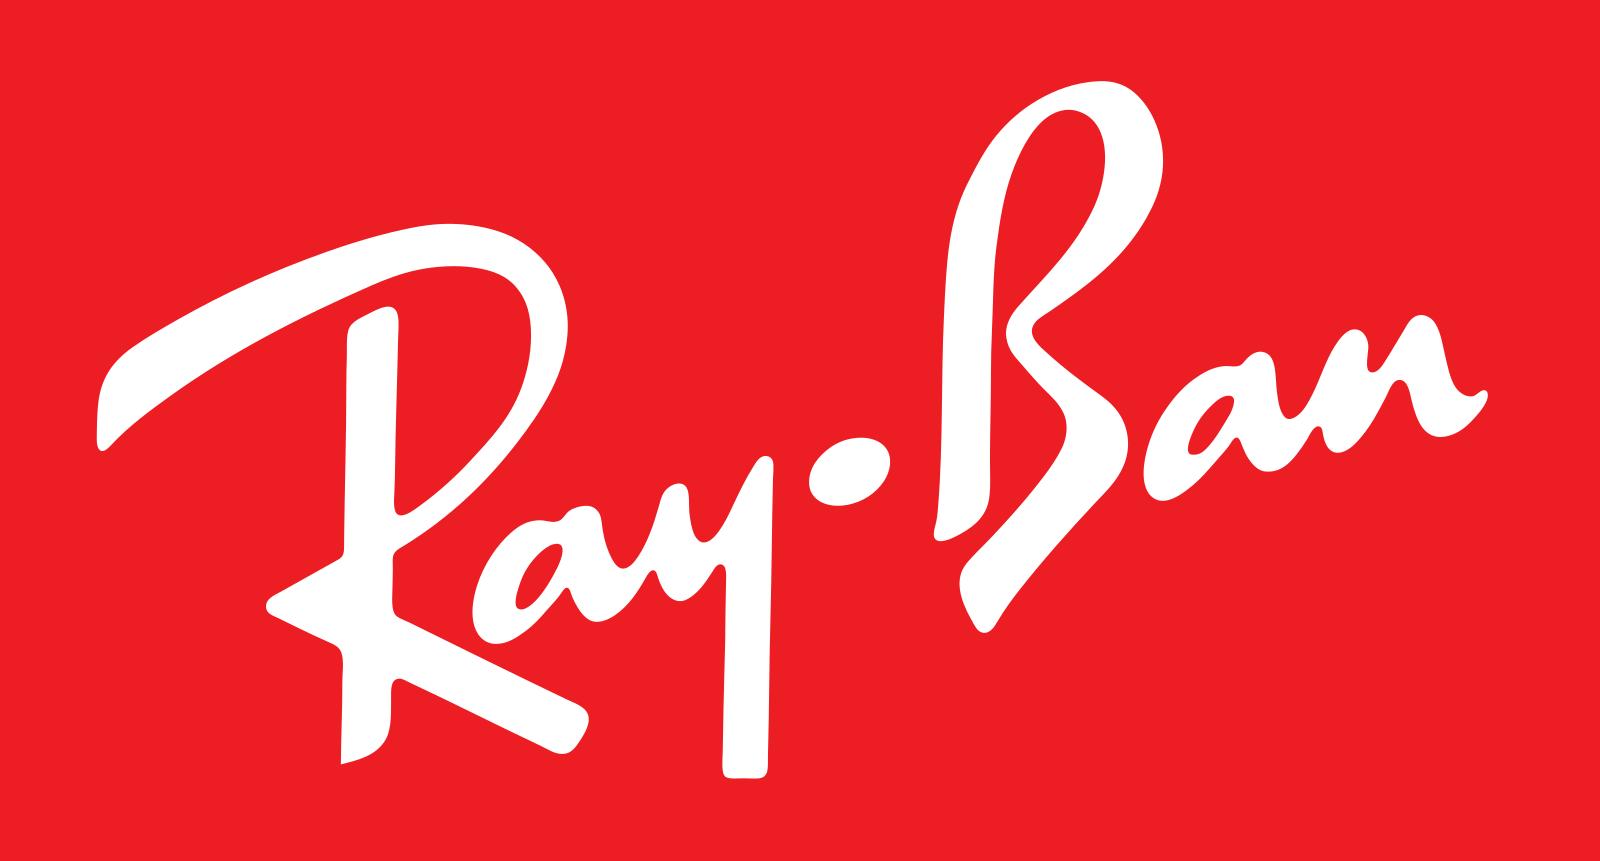 ray ban logo 8 - Ray-Ban Logo